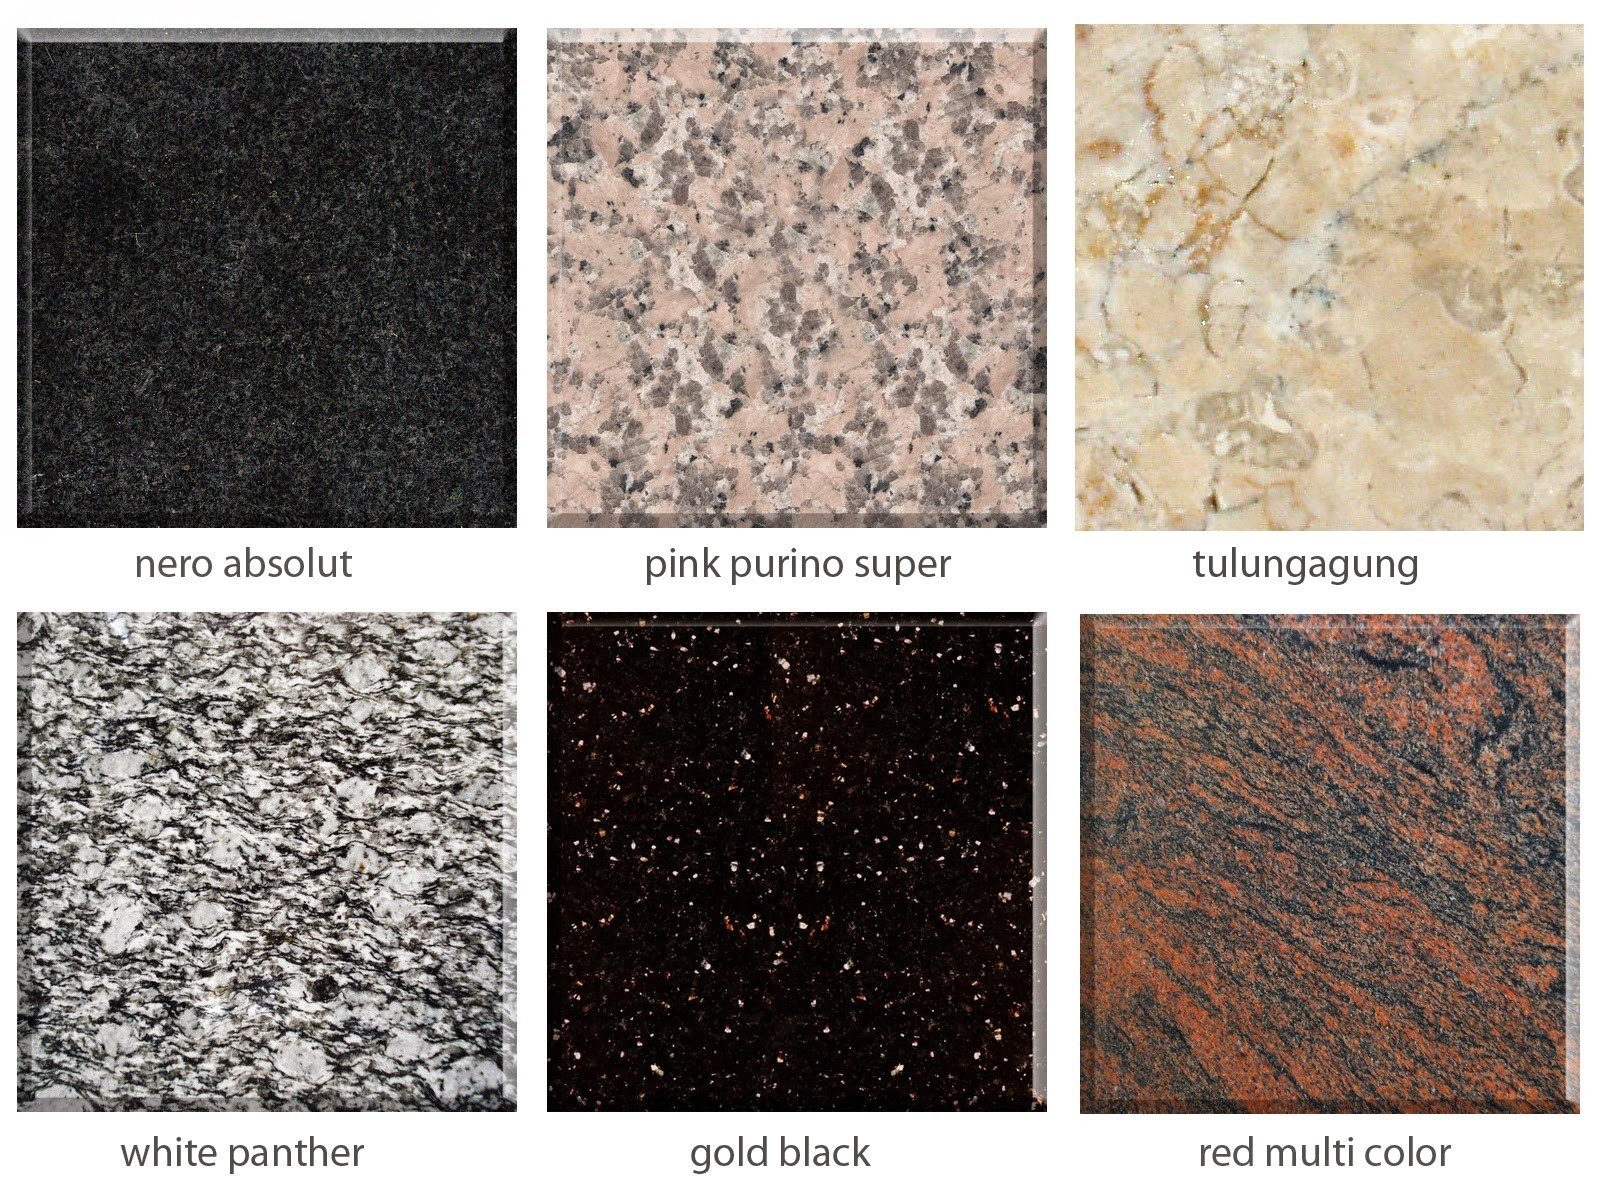 Manfaat dan Kegunaan Batu Marmer